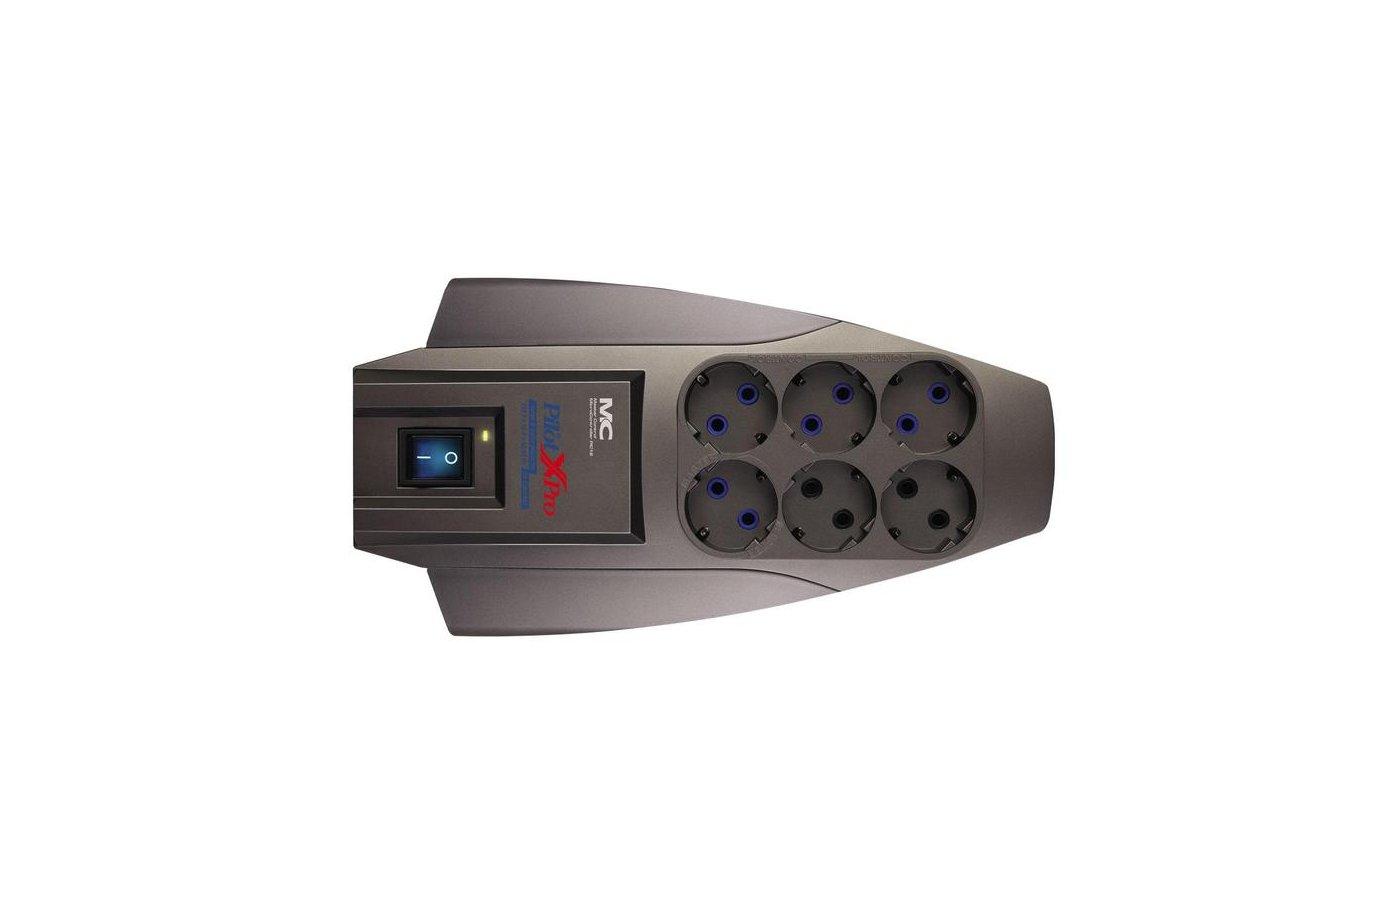 Сетевой фильтр Pilot X-Pro 6роз./7м. серый